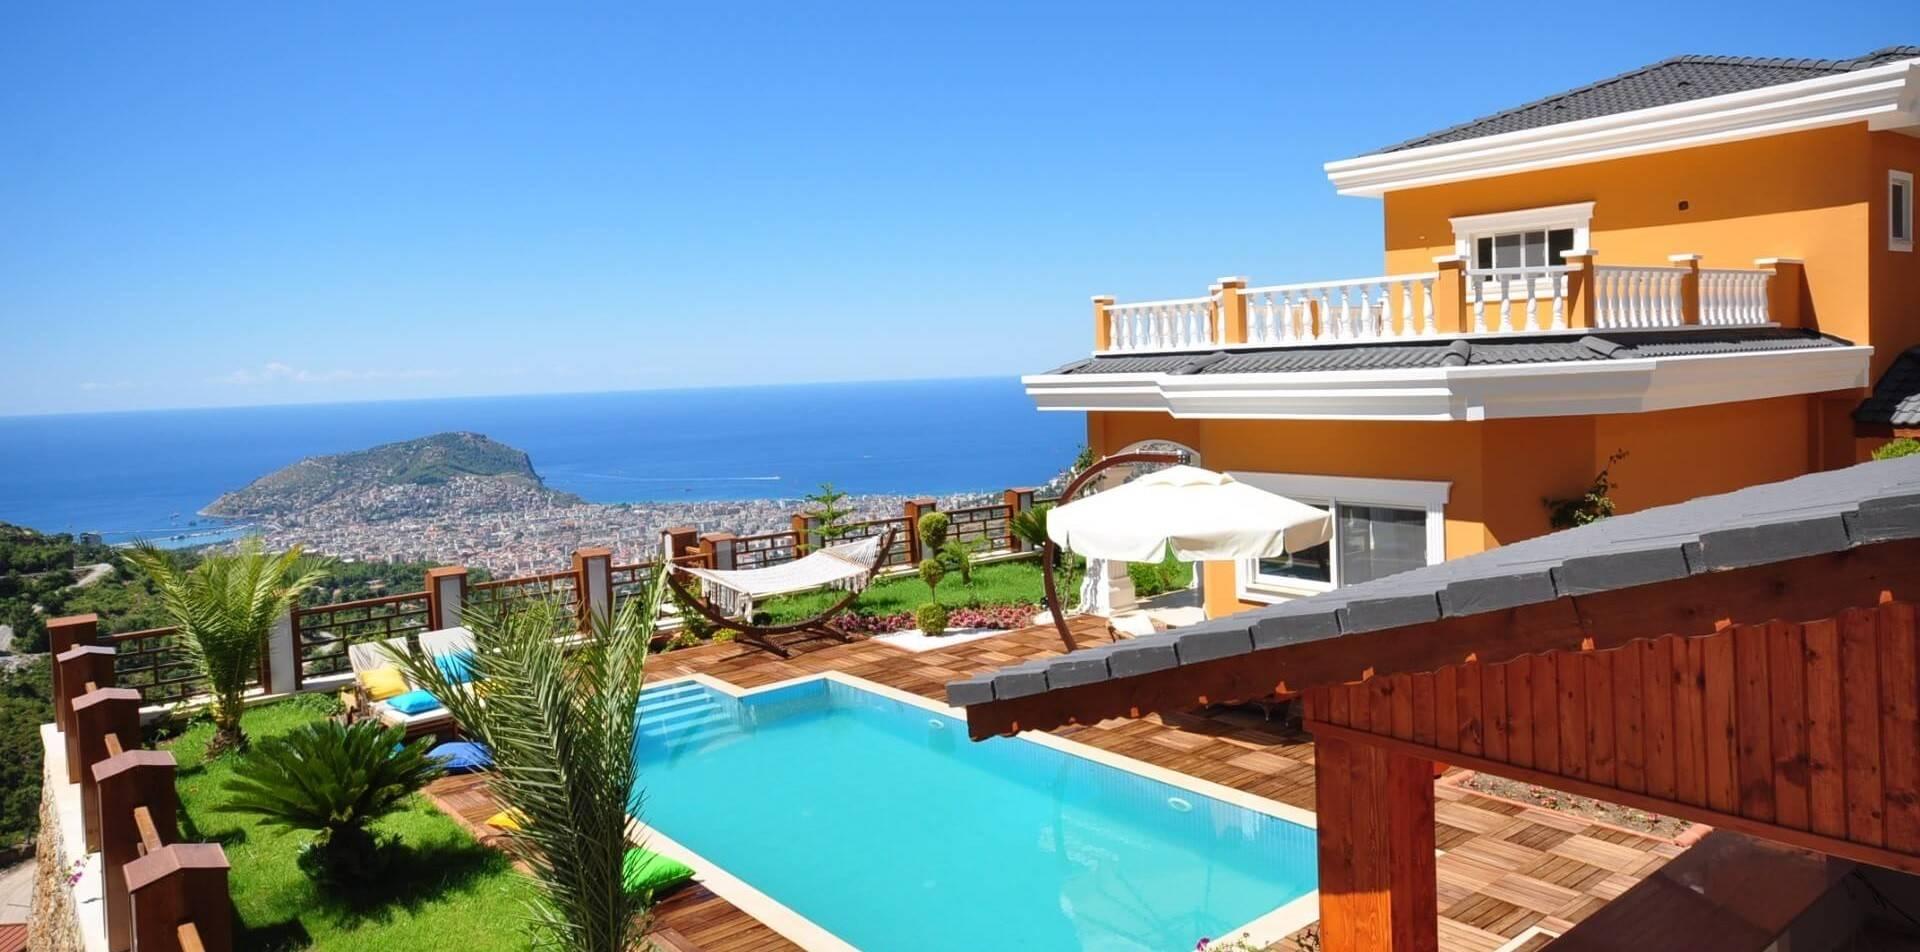 Процедура приобретения недвижимости в турции | turk.estate